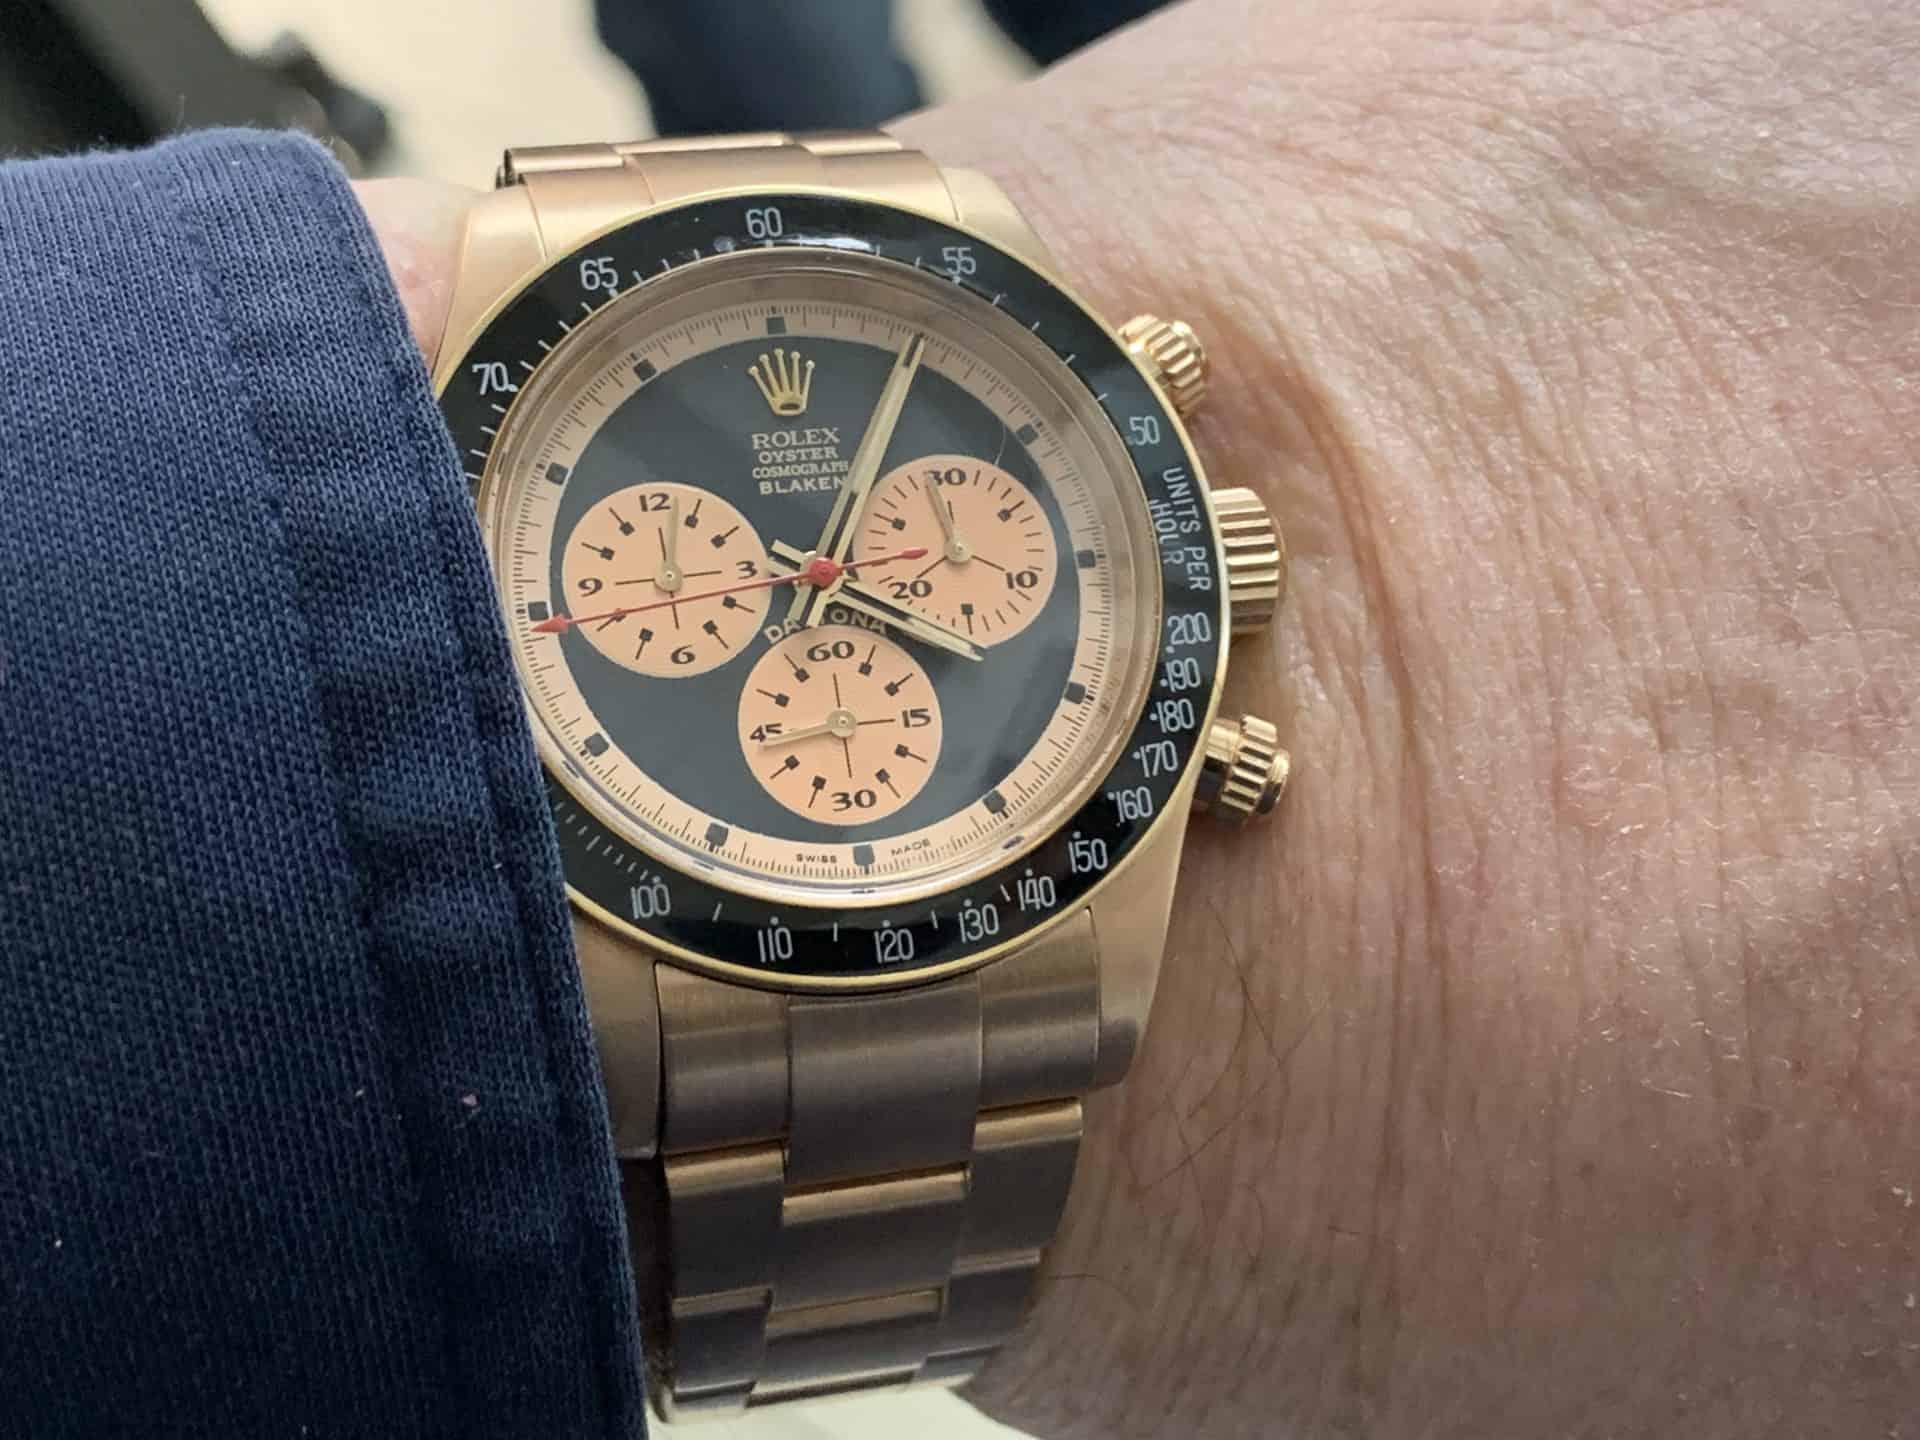 Dieser Besitzer eines Rolex Oyster Perpetual Cosmograph Daytona wünschte sich von Blaken eine satinierte Oberfläche des Everrose-Gehäuses und -Gliederbands. Außerdem bekam die Armbanduhr ein handgemaltes Zifferblatt im Paul-Newman-Stil.